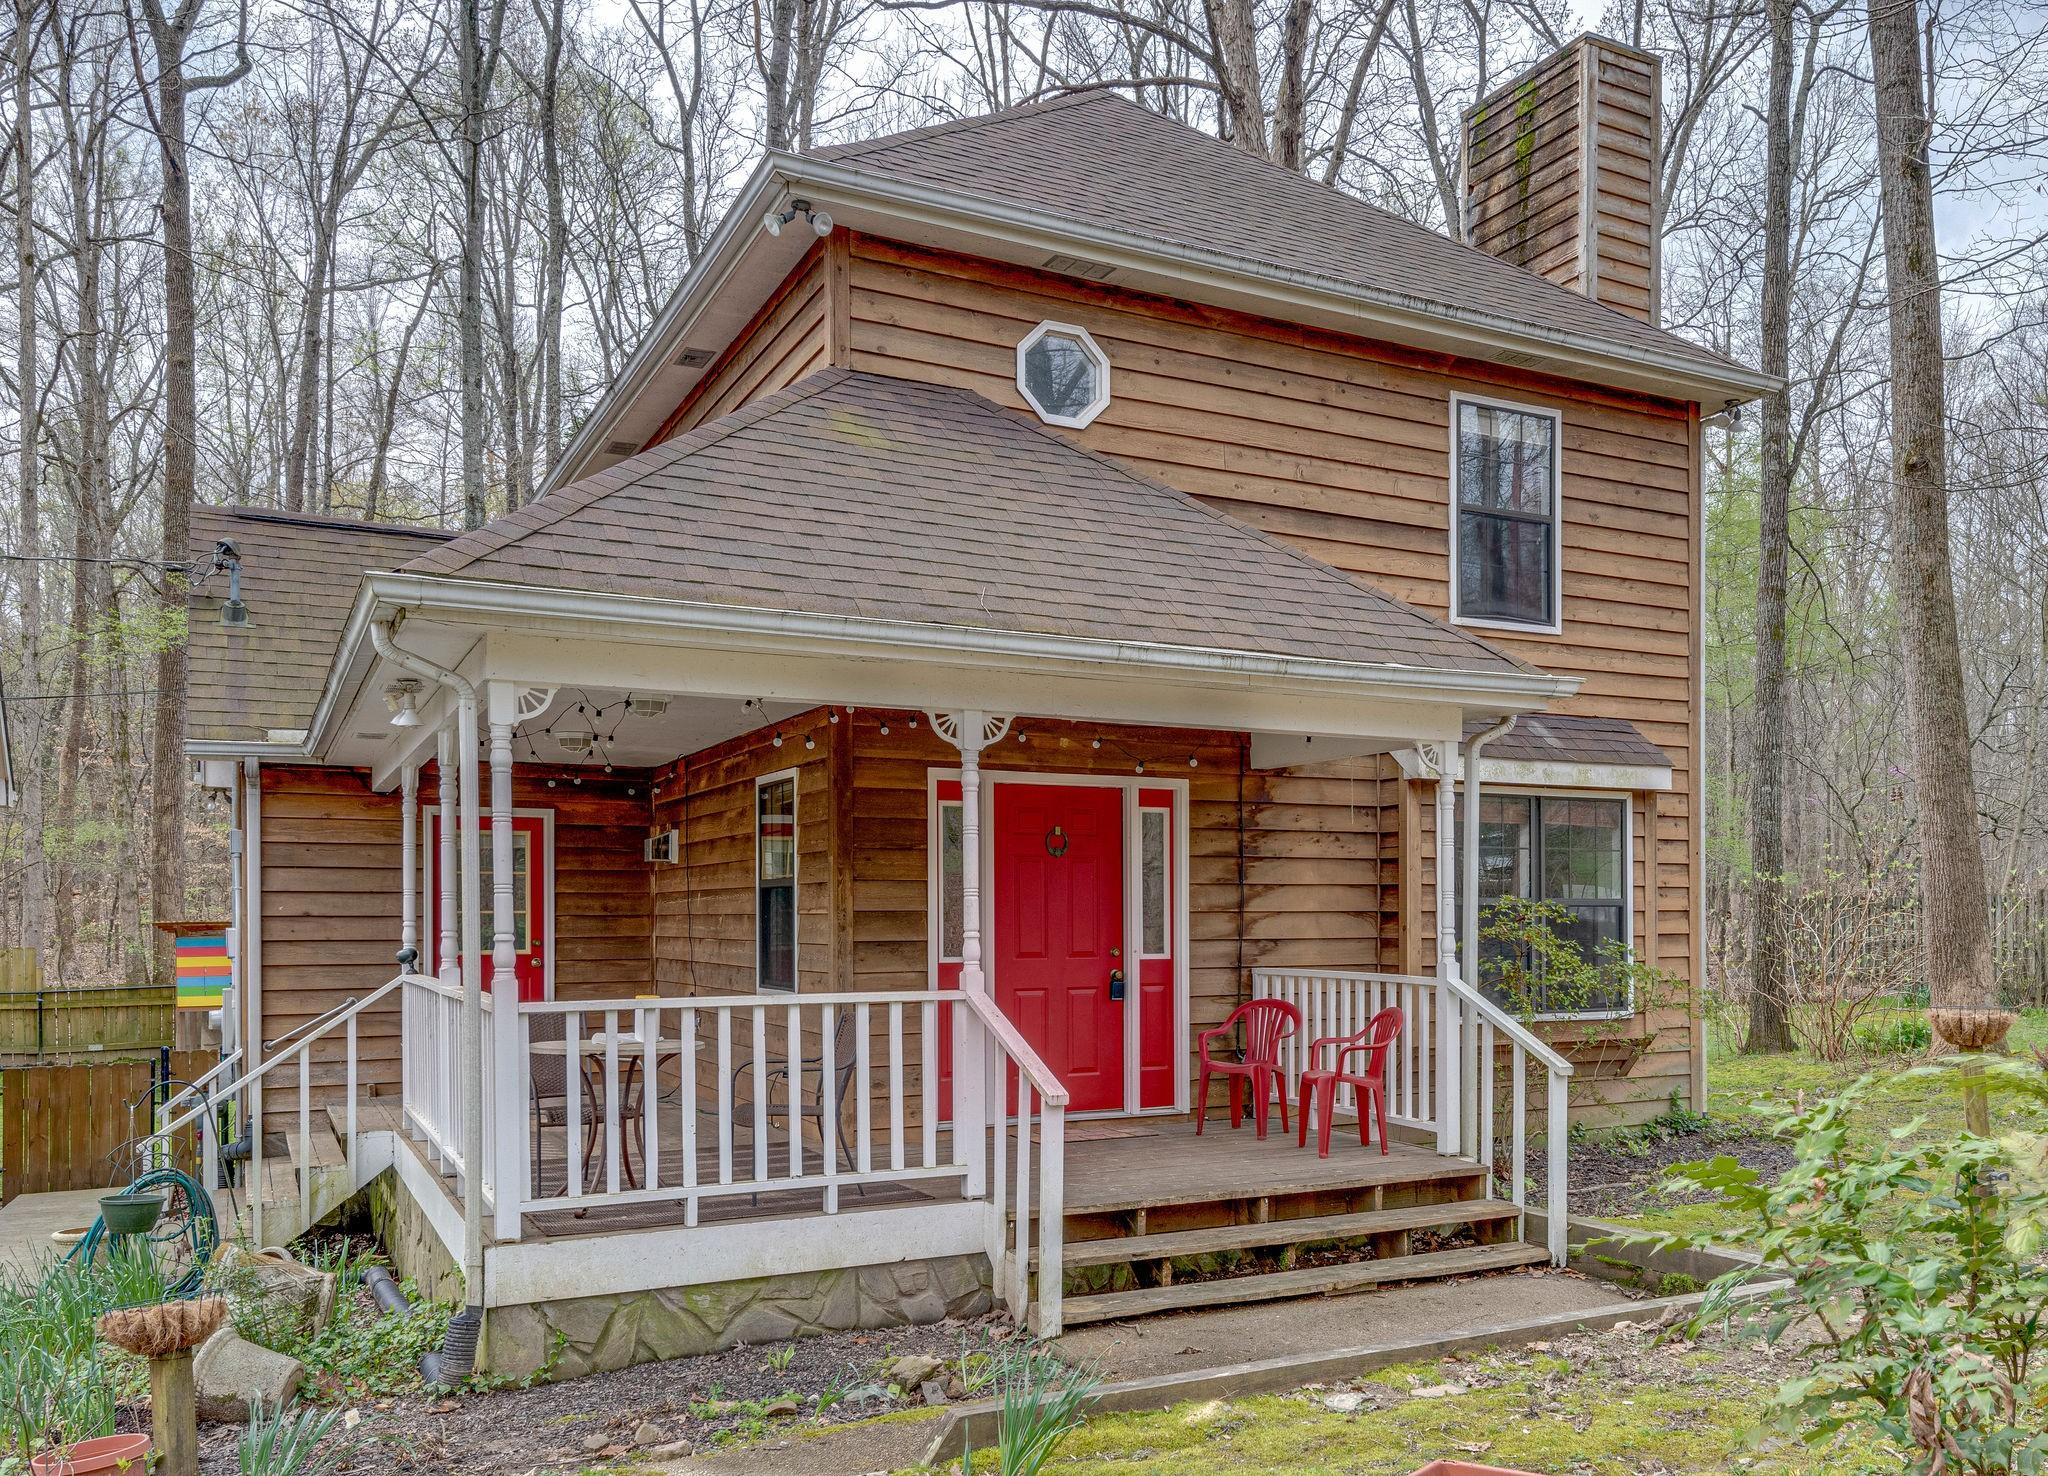 1263 Whippoorwill Dr, Kingston Springs, TN 37082 - Kingston Springs, TN real estate listing